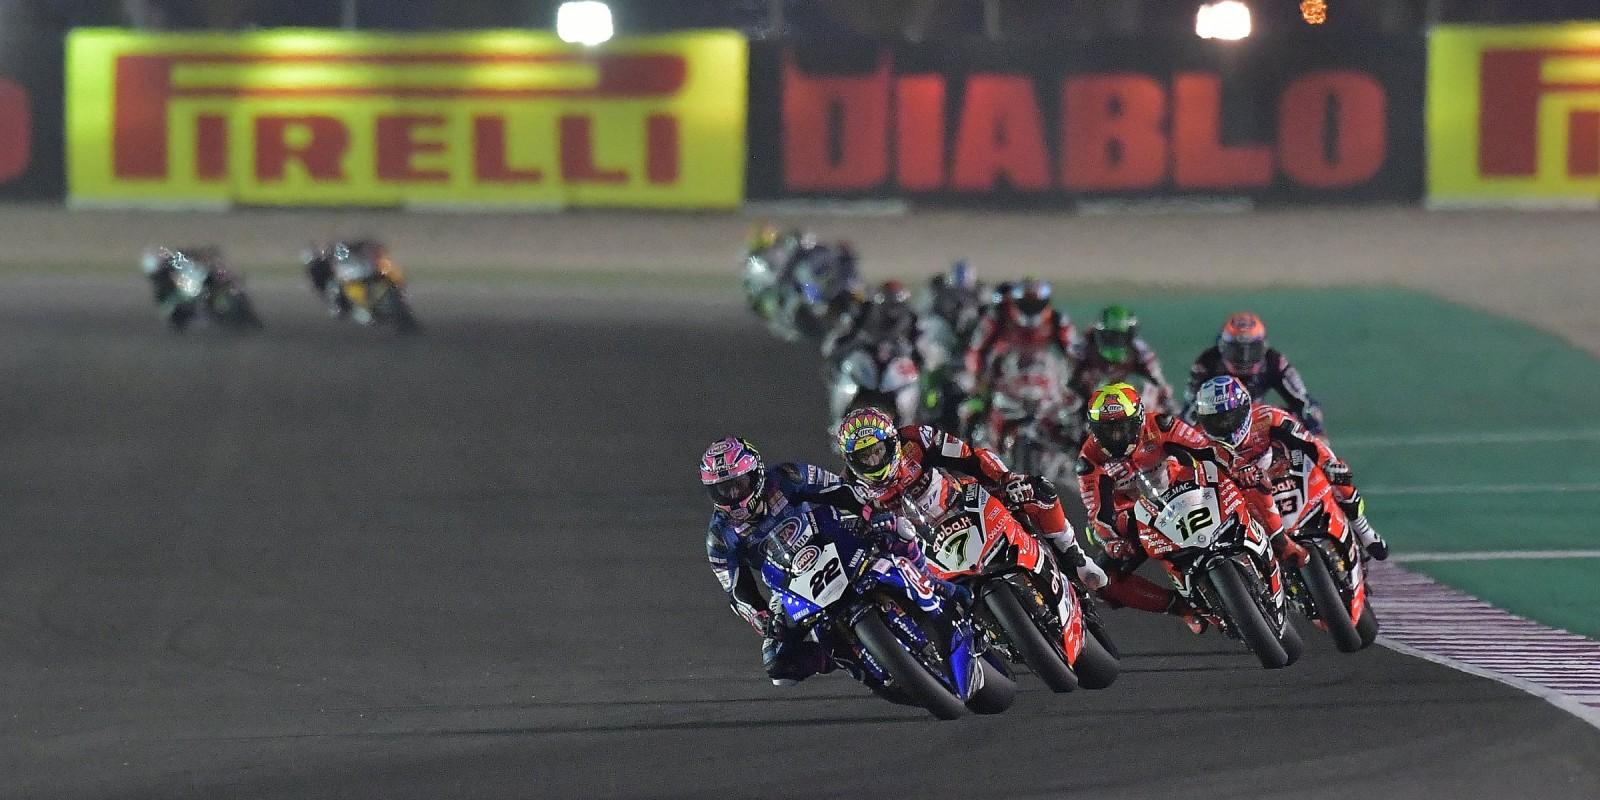 Alex Lowes at the 2017 World Superbike Qatar round